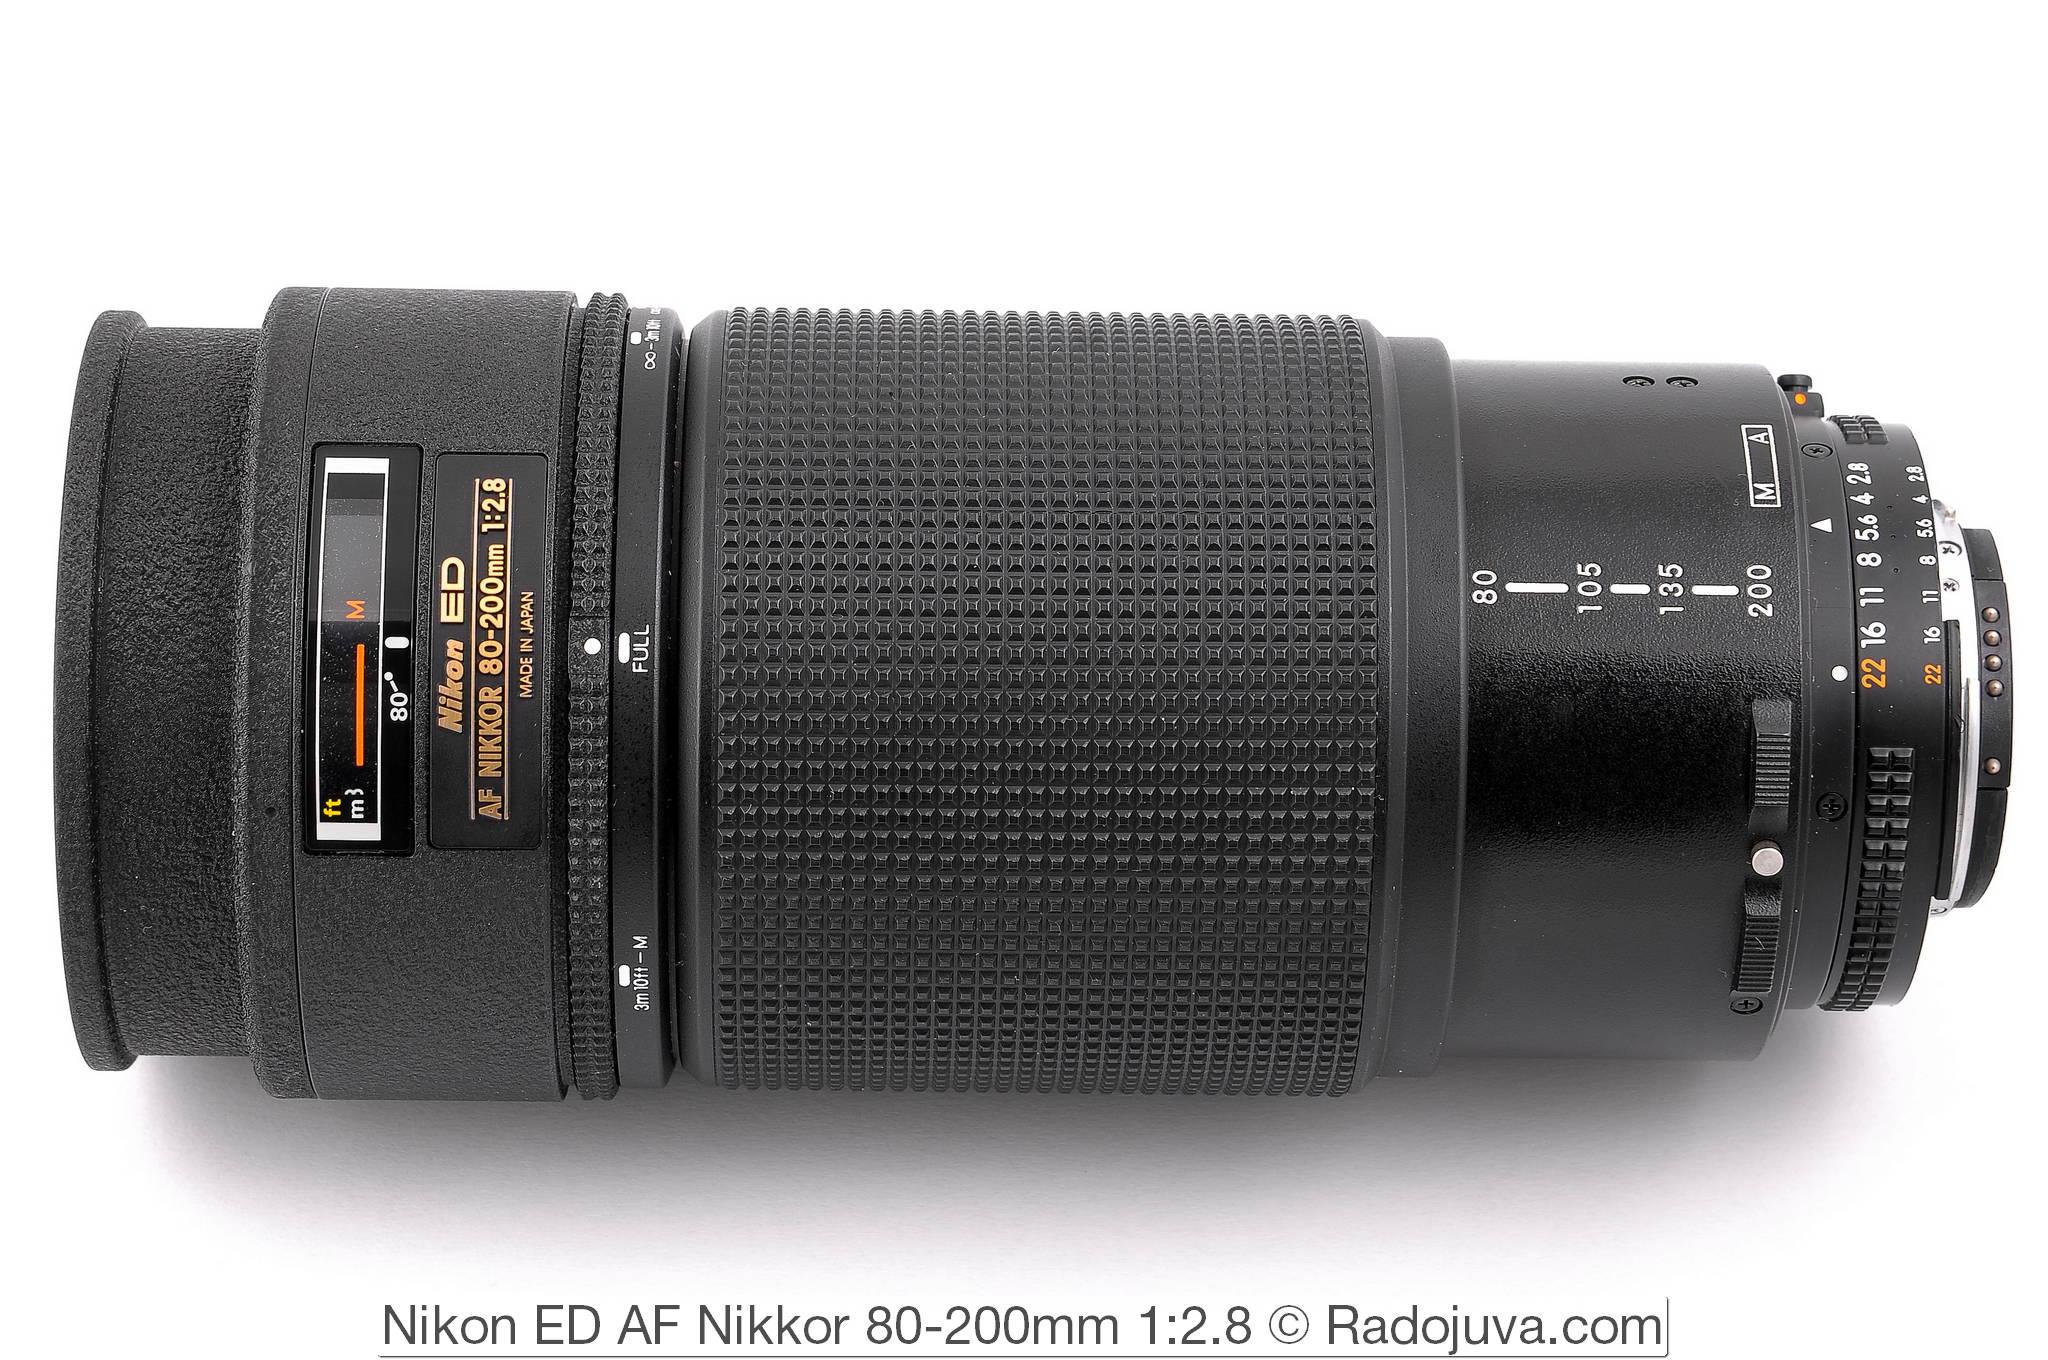 Nikon ED AF Nikkor 80-200mm 1:2.8 (MKI)